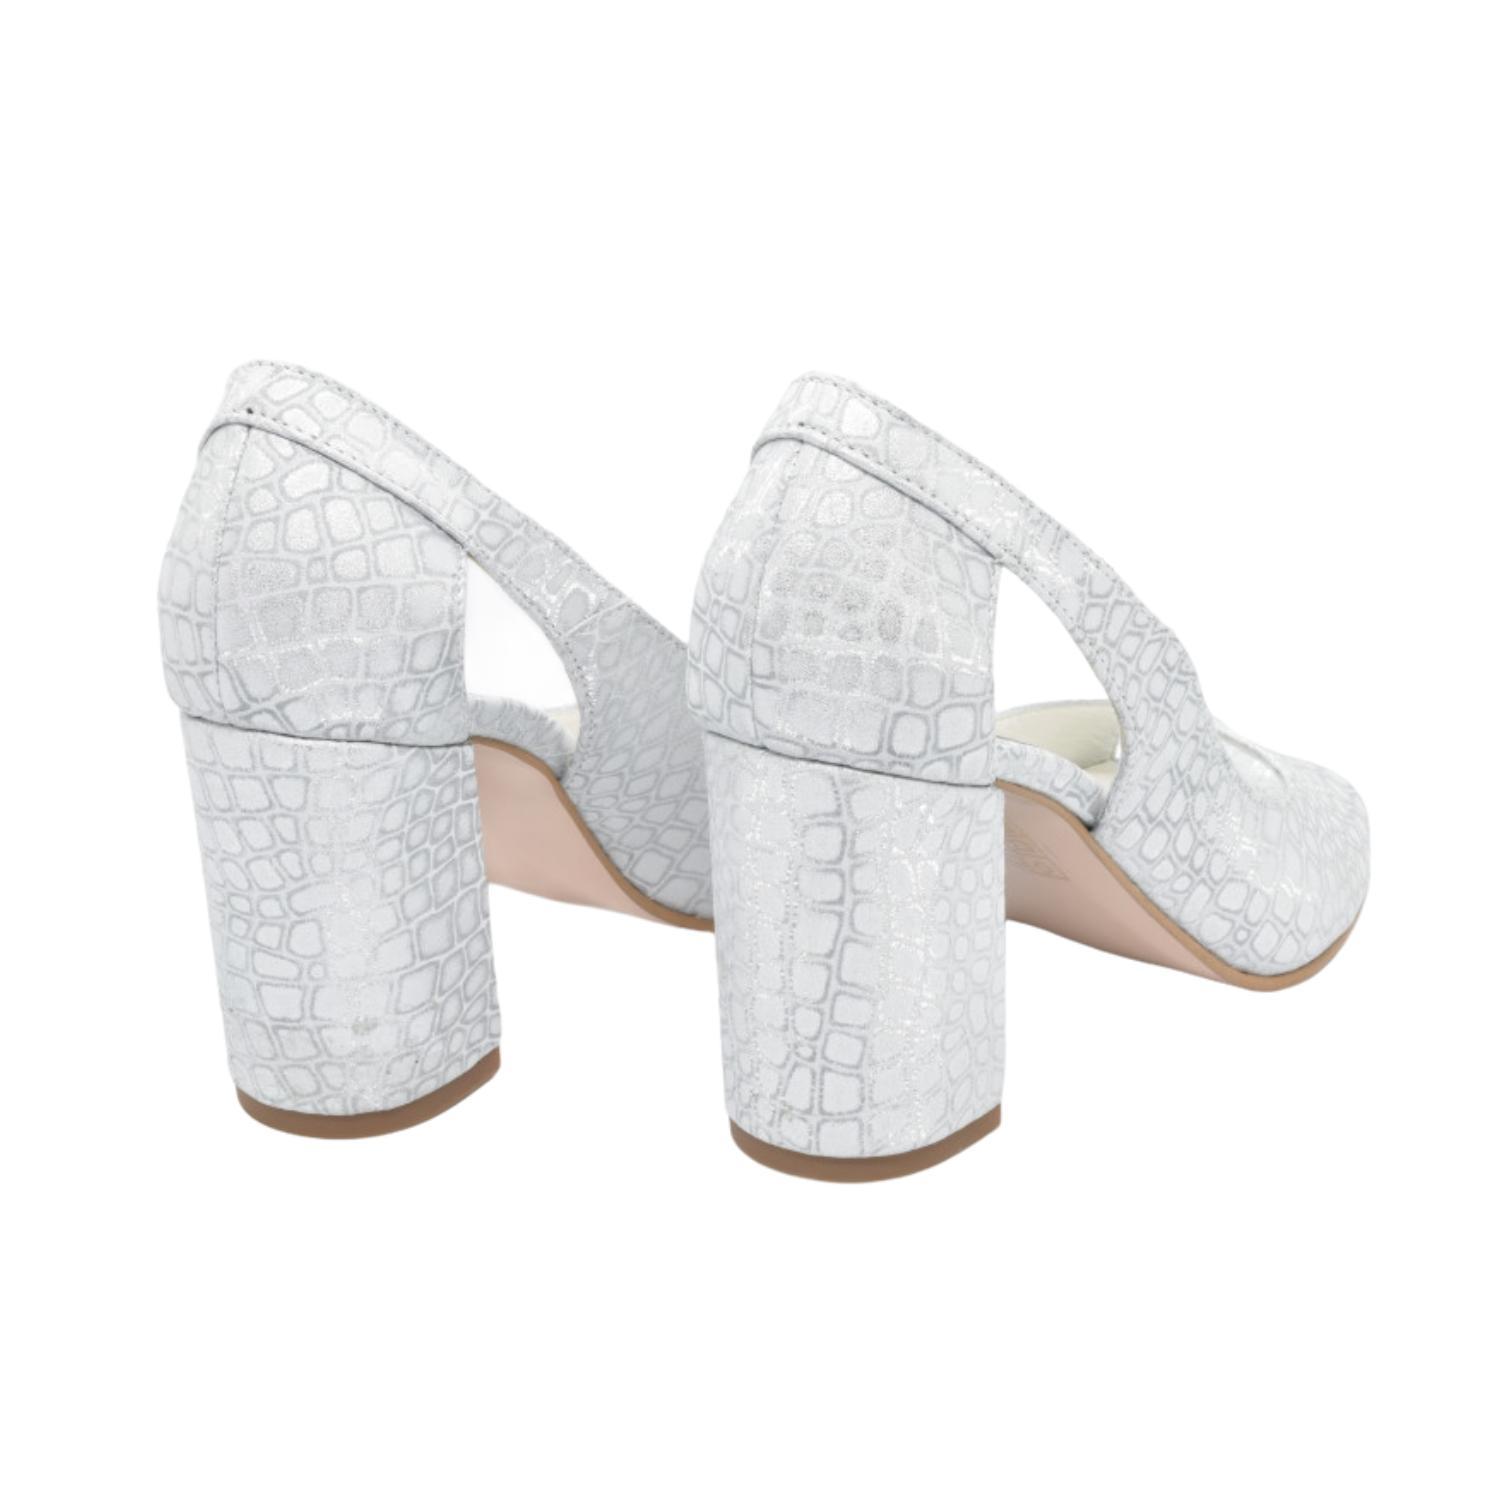 Sandale argintii cu imprimeu abstract